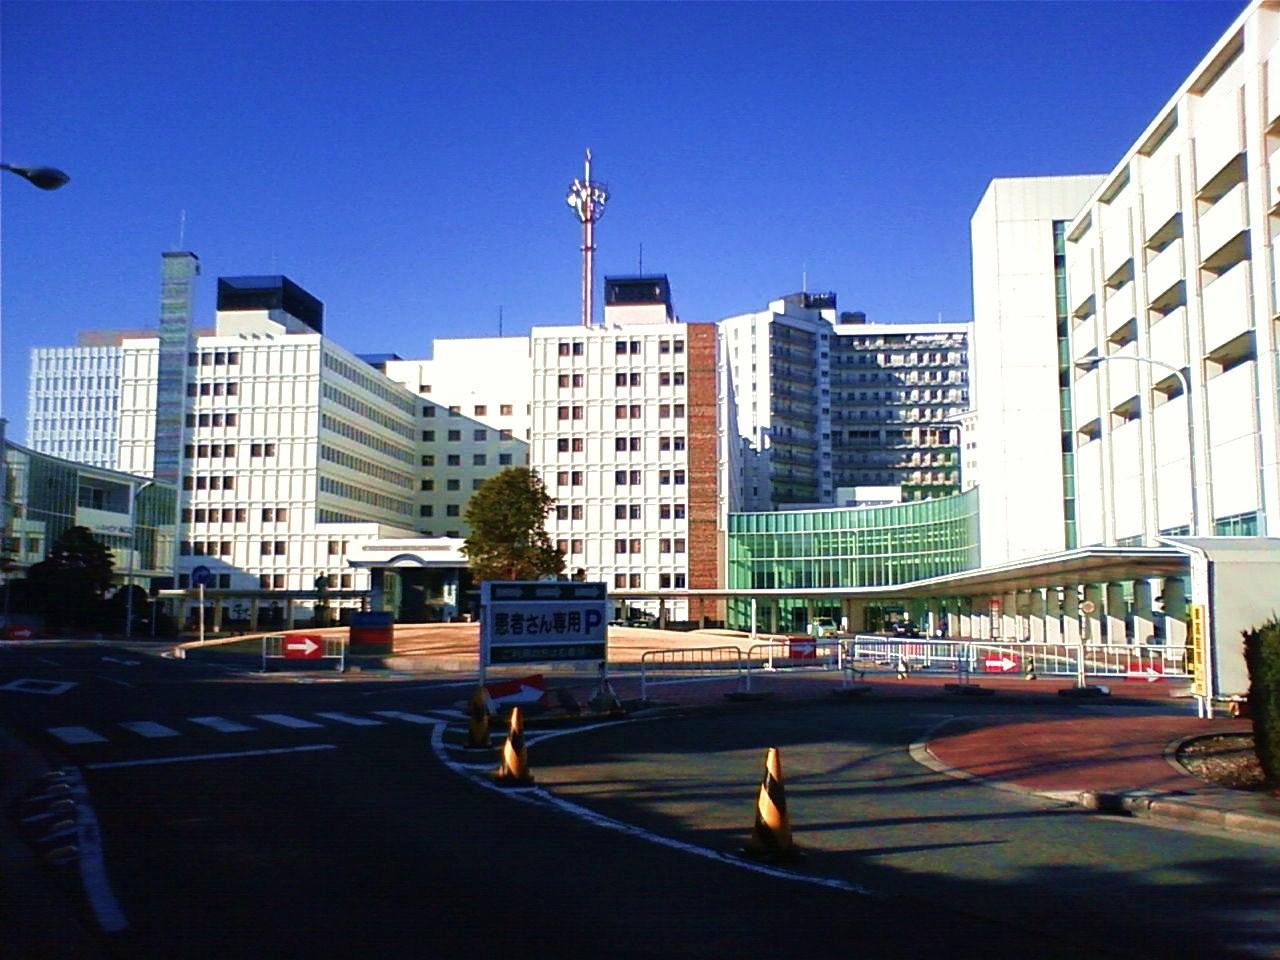 藤田保健衛生大学病院 | 災害拠点病院